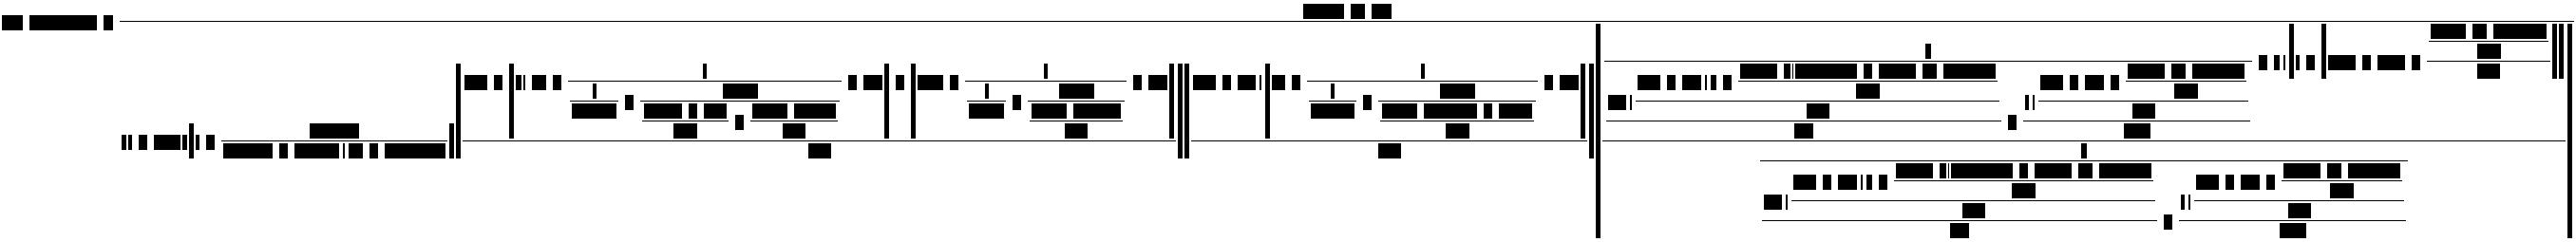 [Joueur expérimenté] Calculateur d'EH Statistique et comparateur d'objet Excel 37406